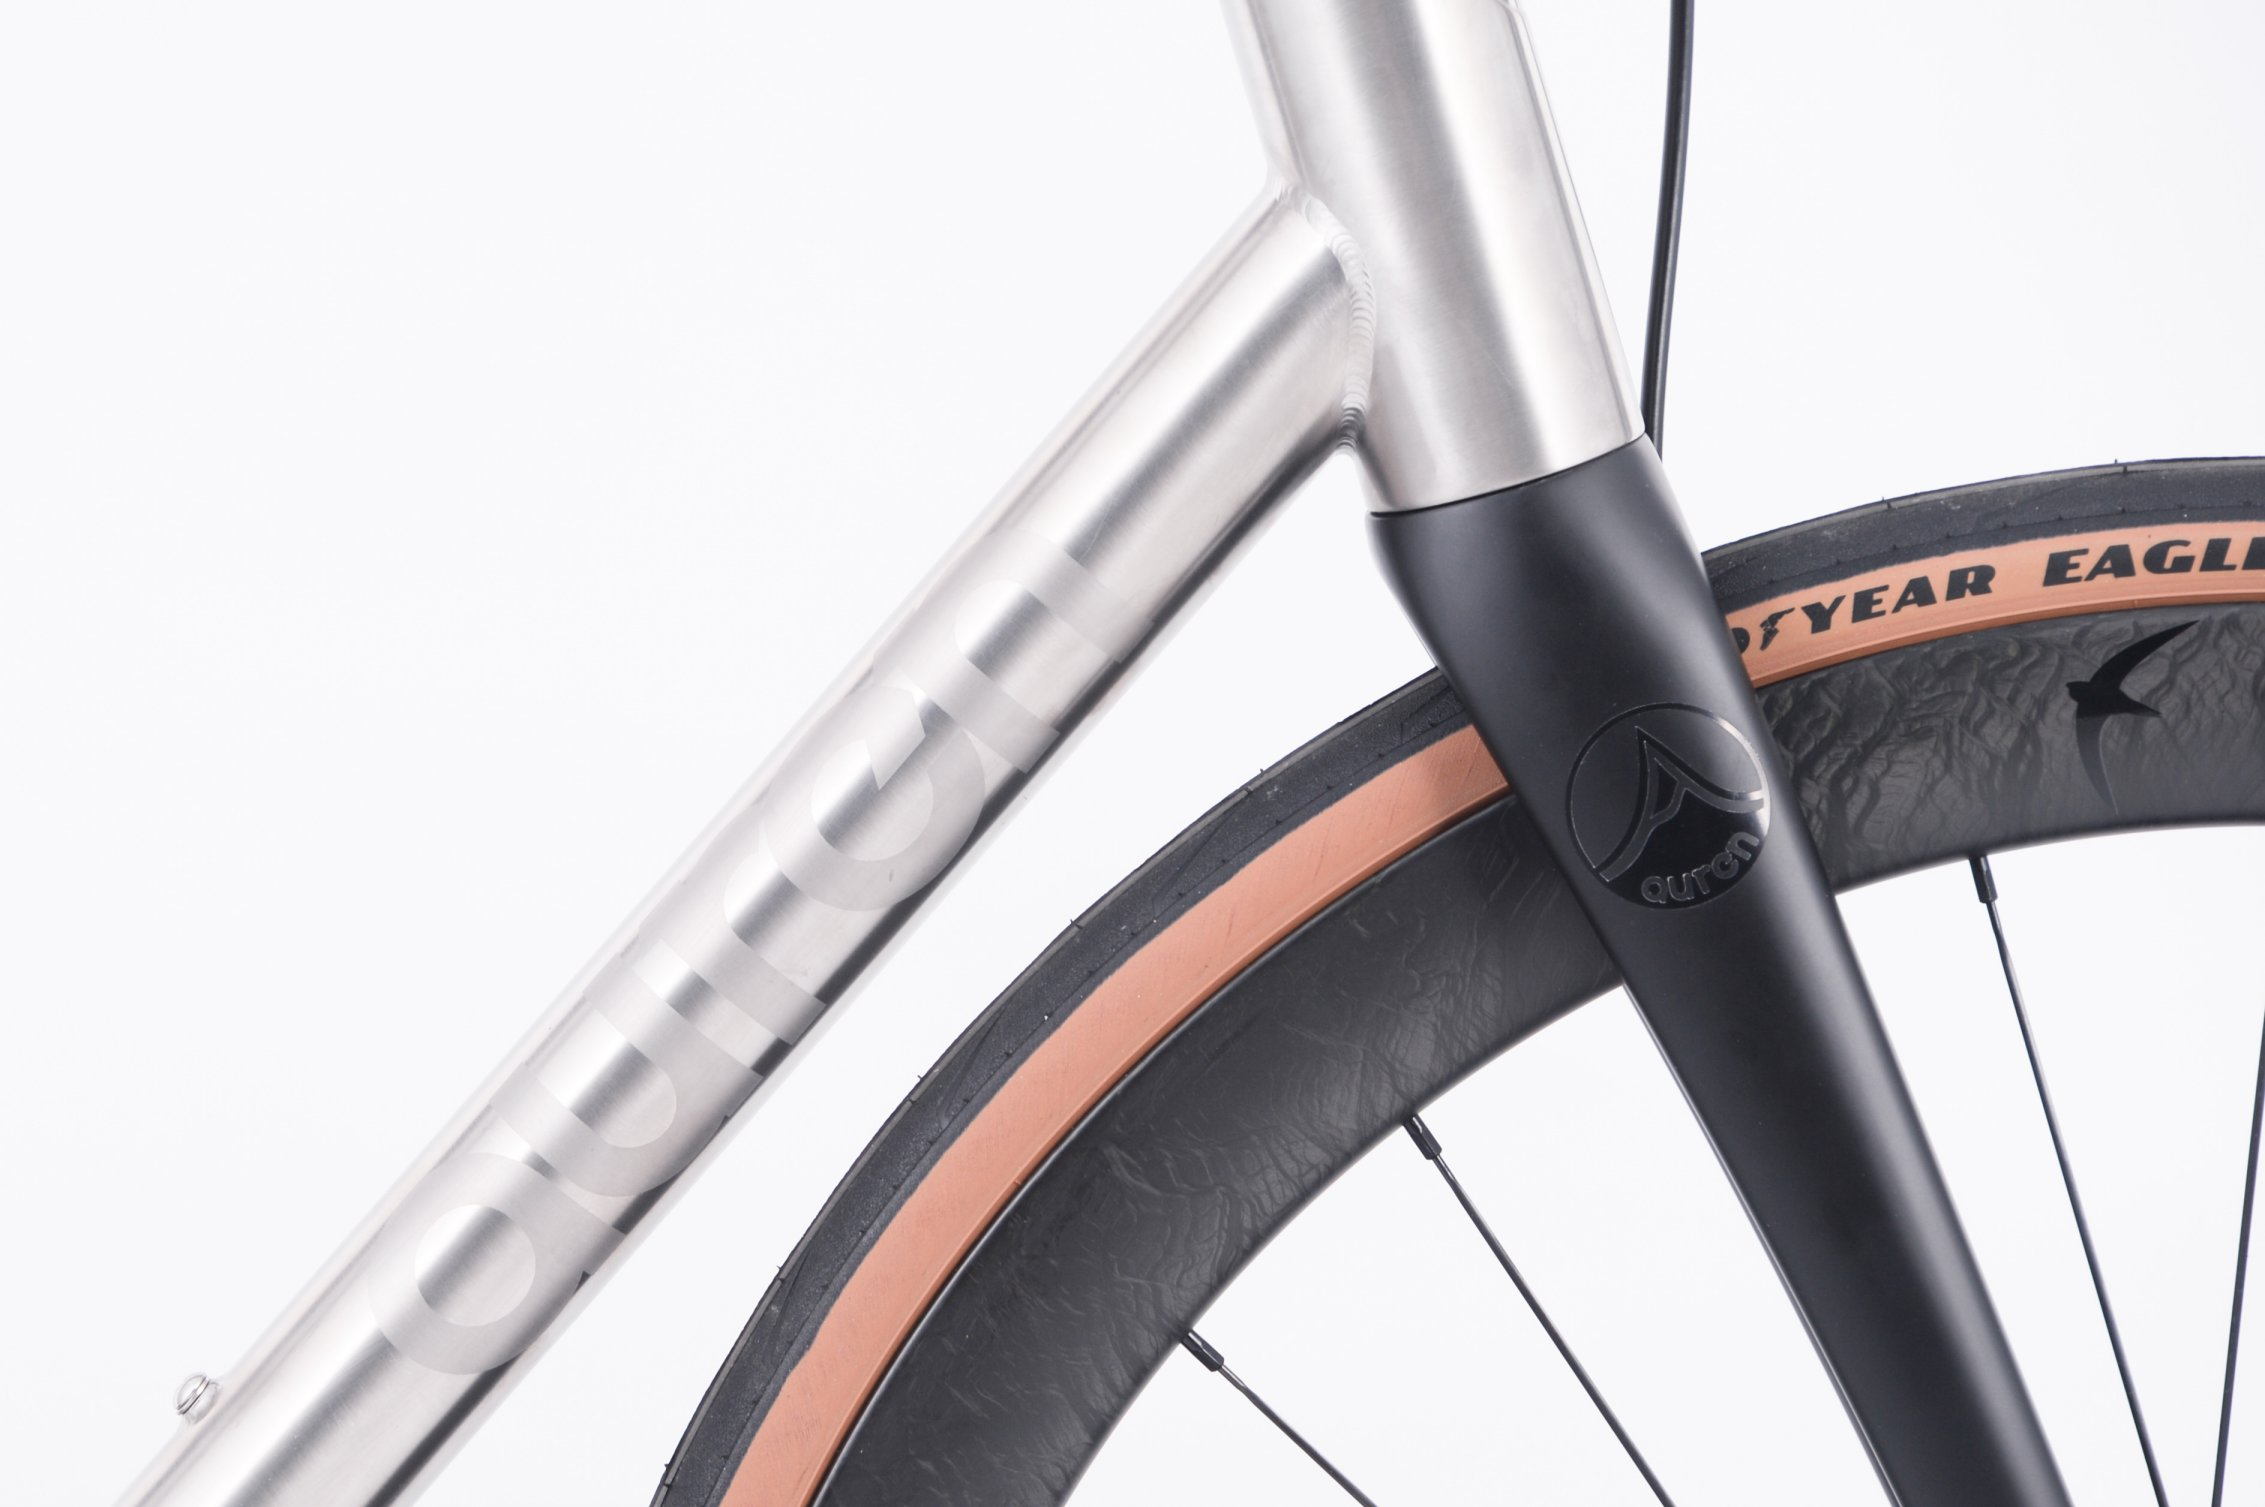 FYXO-6370 AUREN Swift Disc Road Titanium Bike